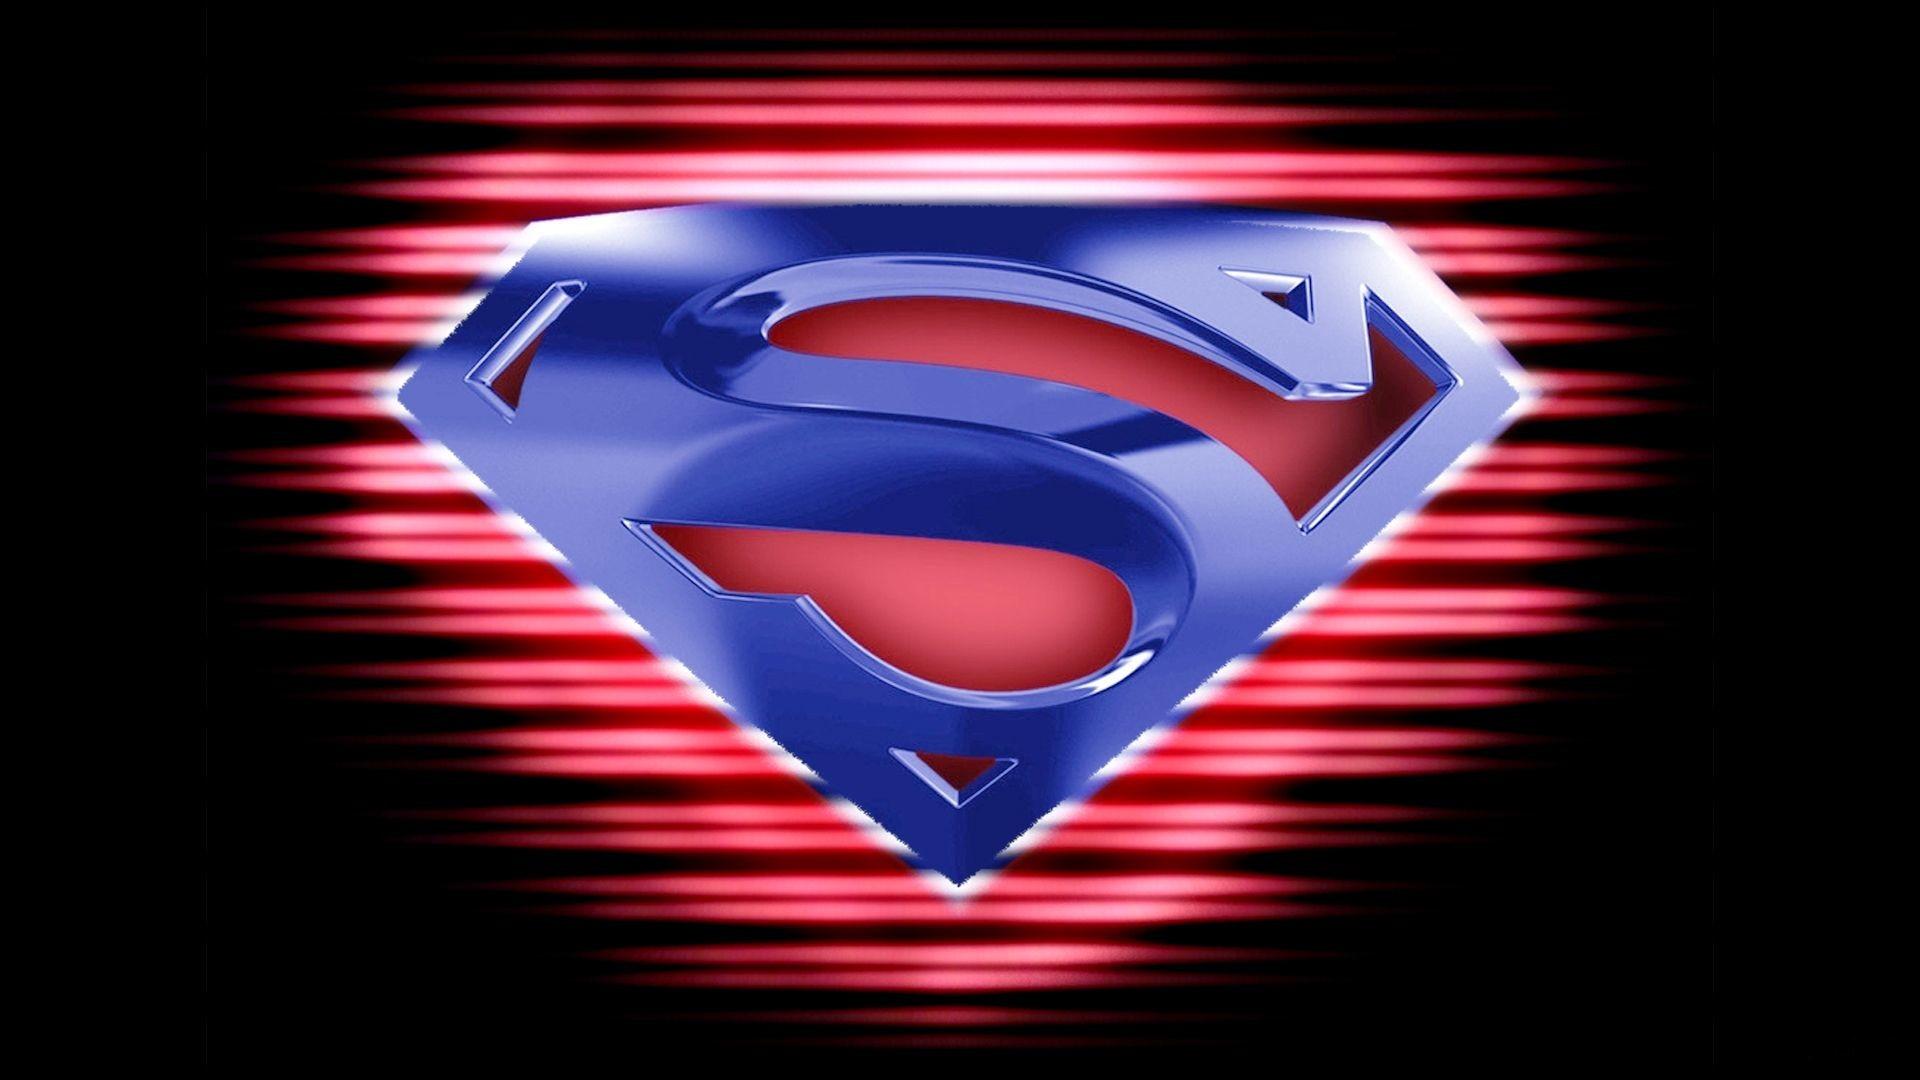 Res: 1920x1080, Batman Vs Superman Wallpapers Wallpaper 1920×1200 Superman Image Wallpapers  (41 Wallpapers) | Adorable Wallpapers